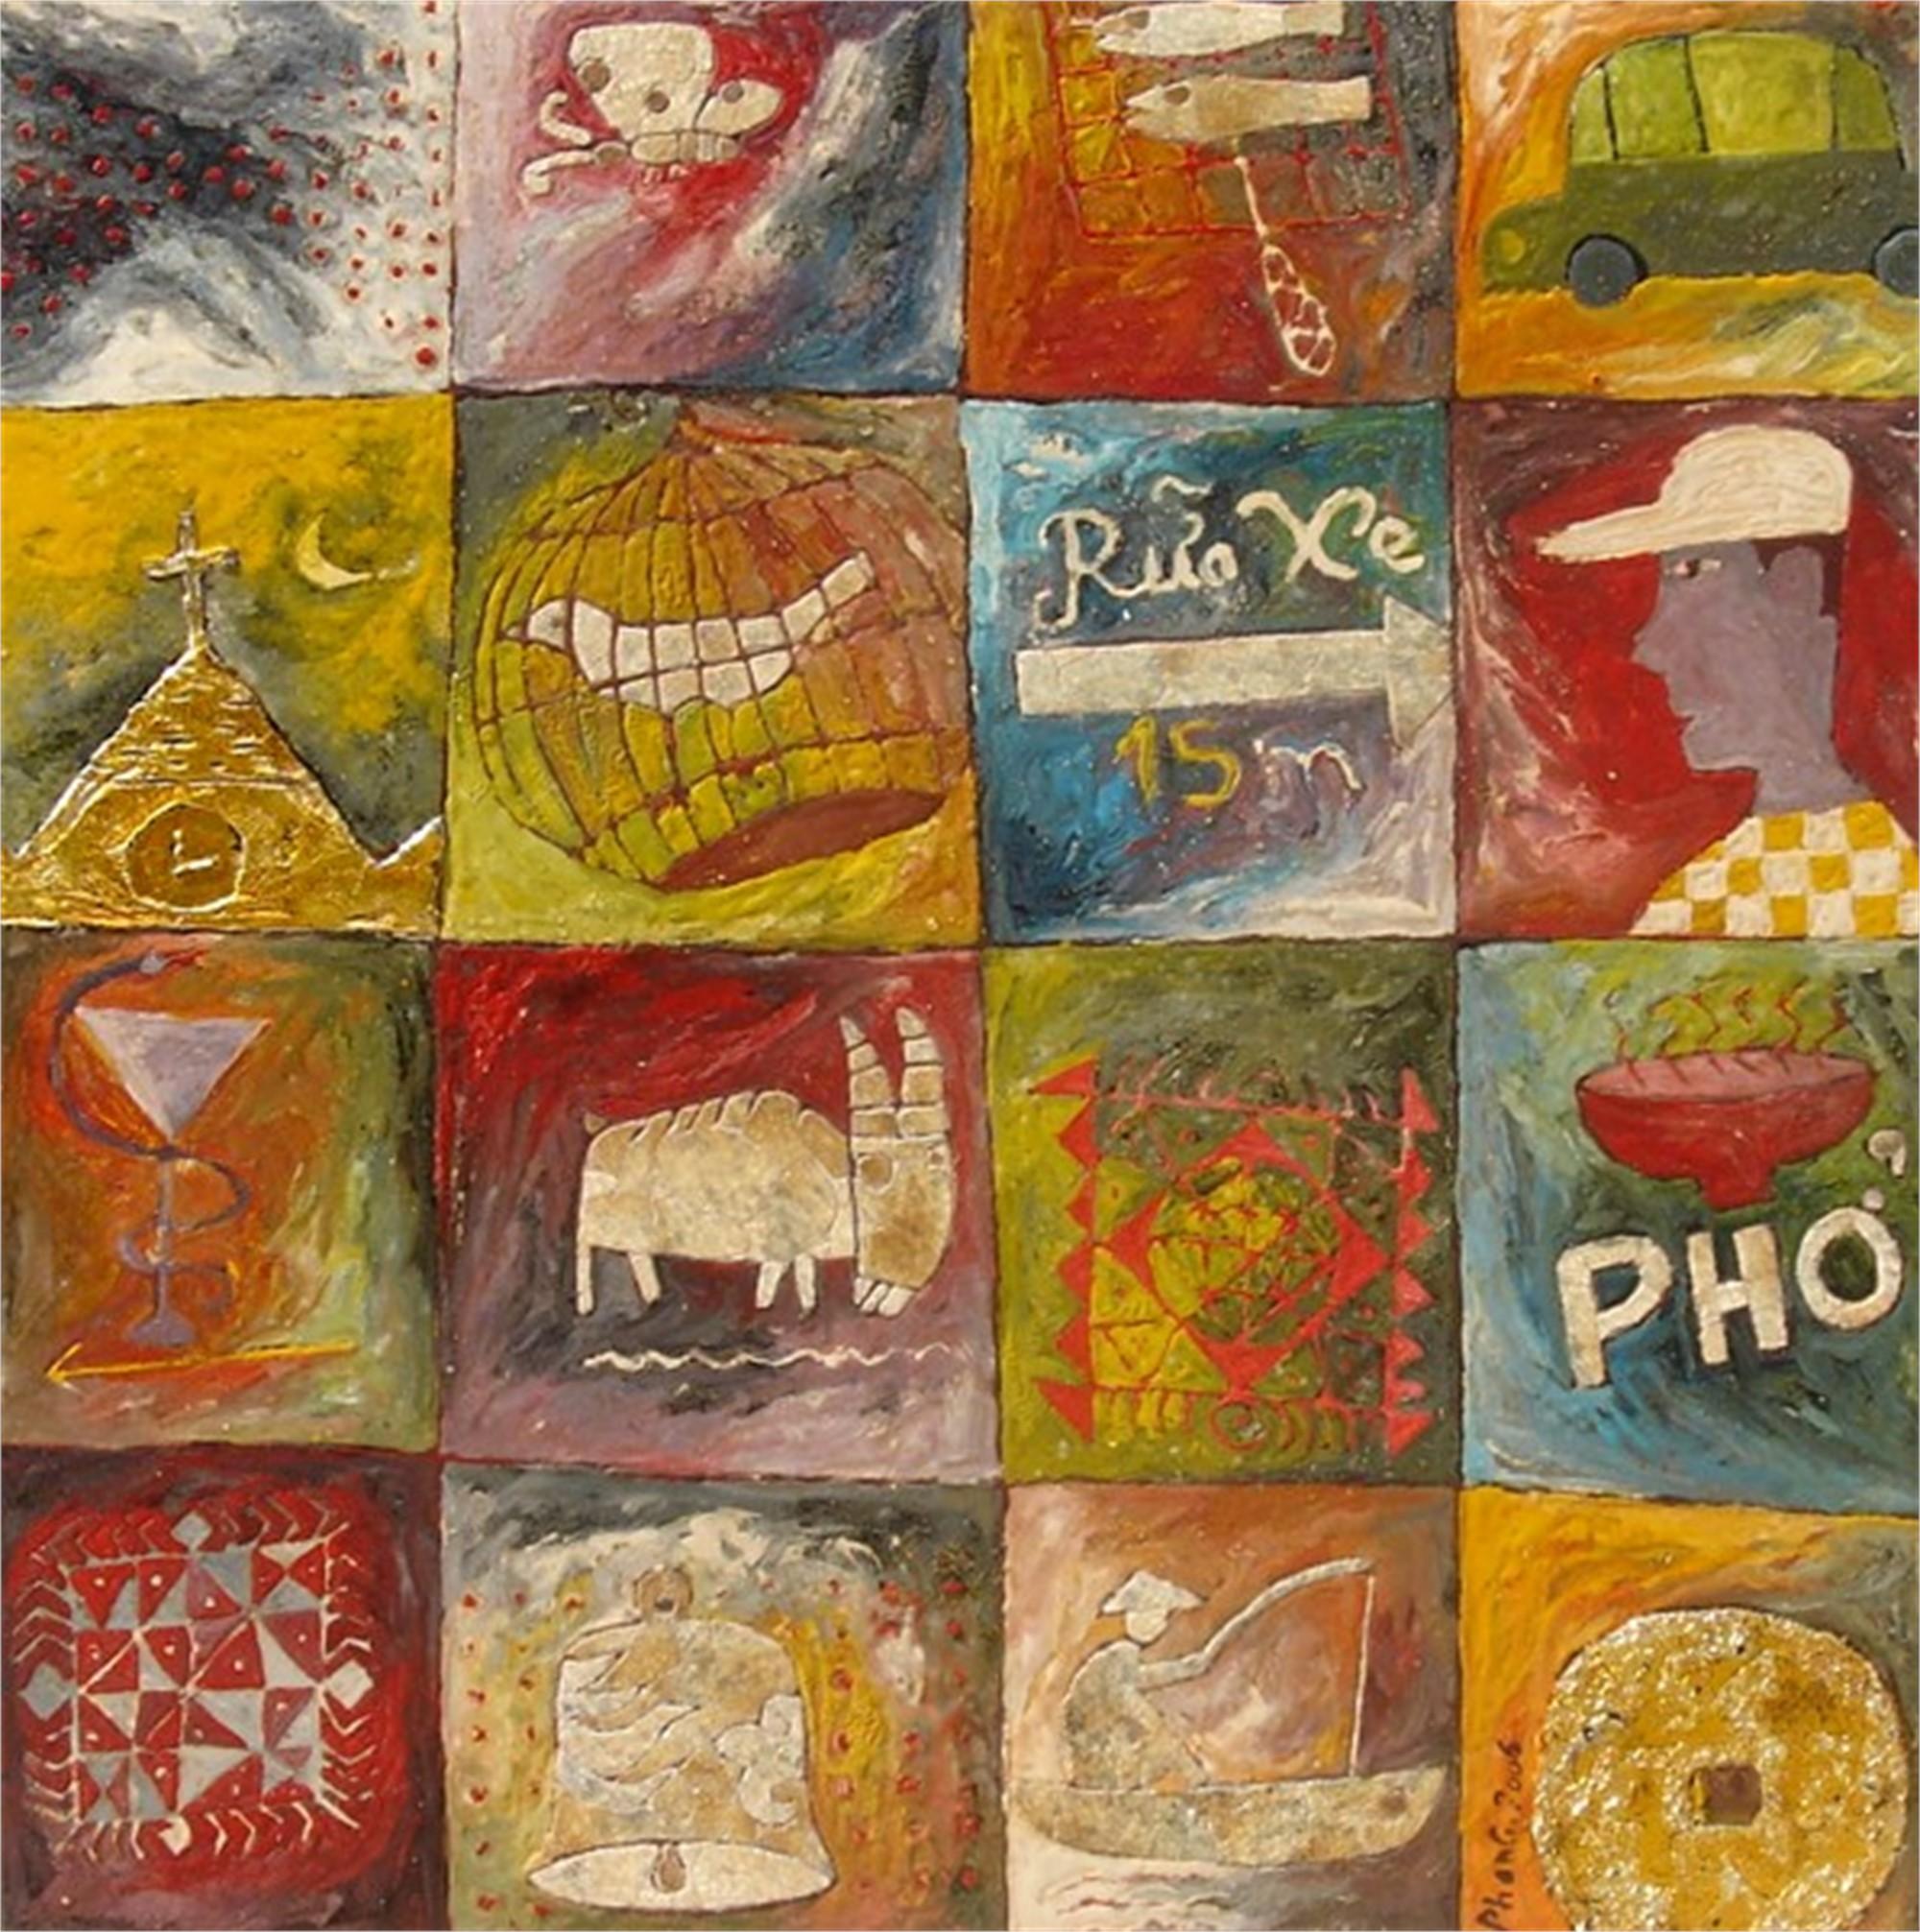 Cycle of Life I by Hoang Thanh Vinh Phong